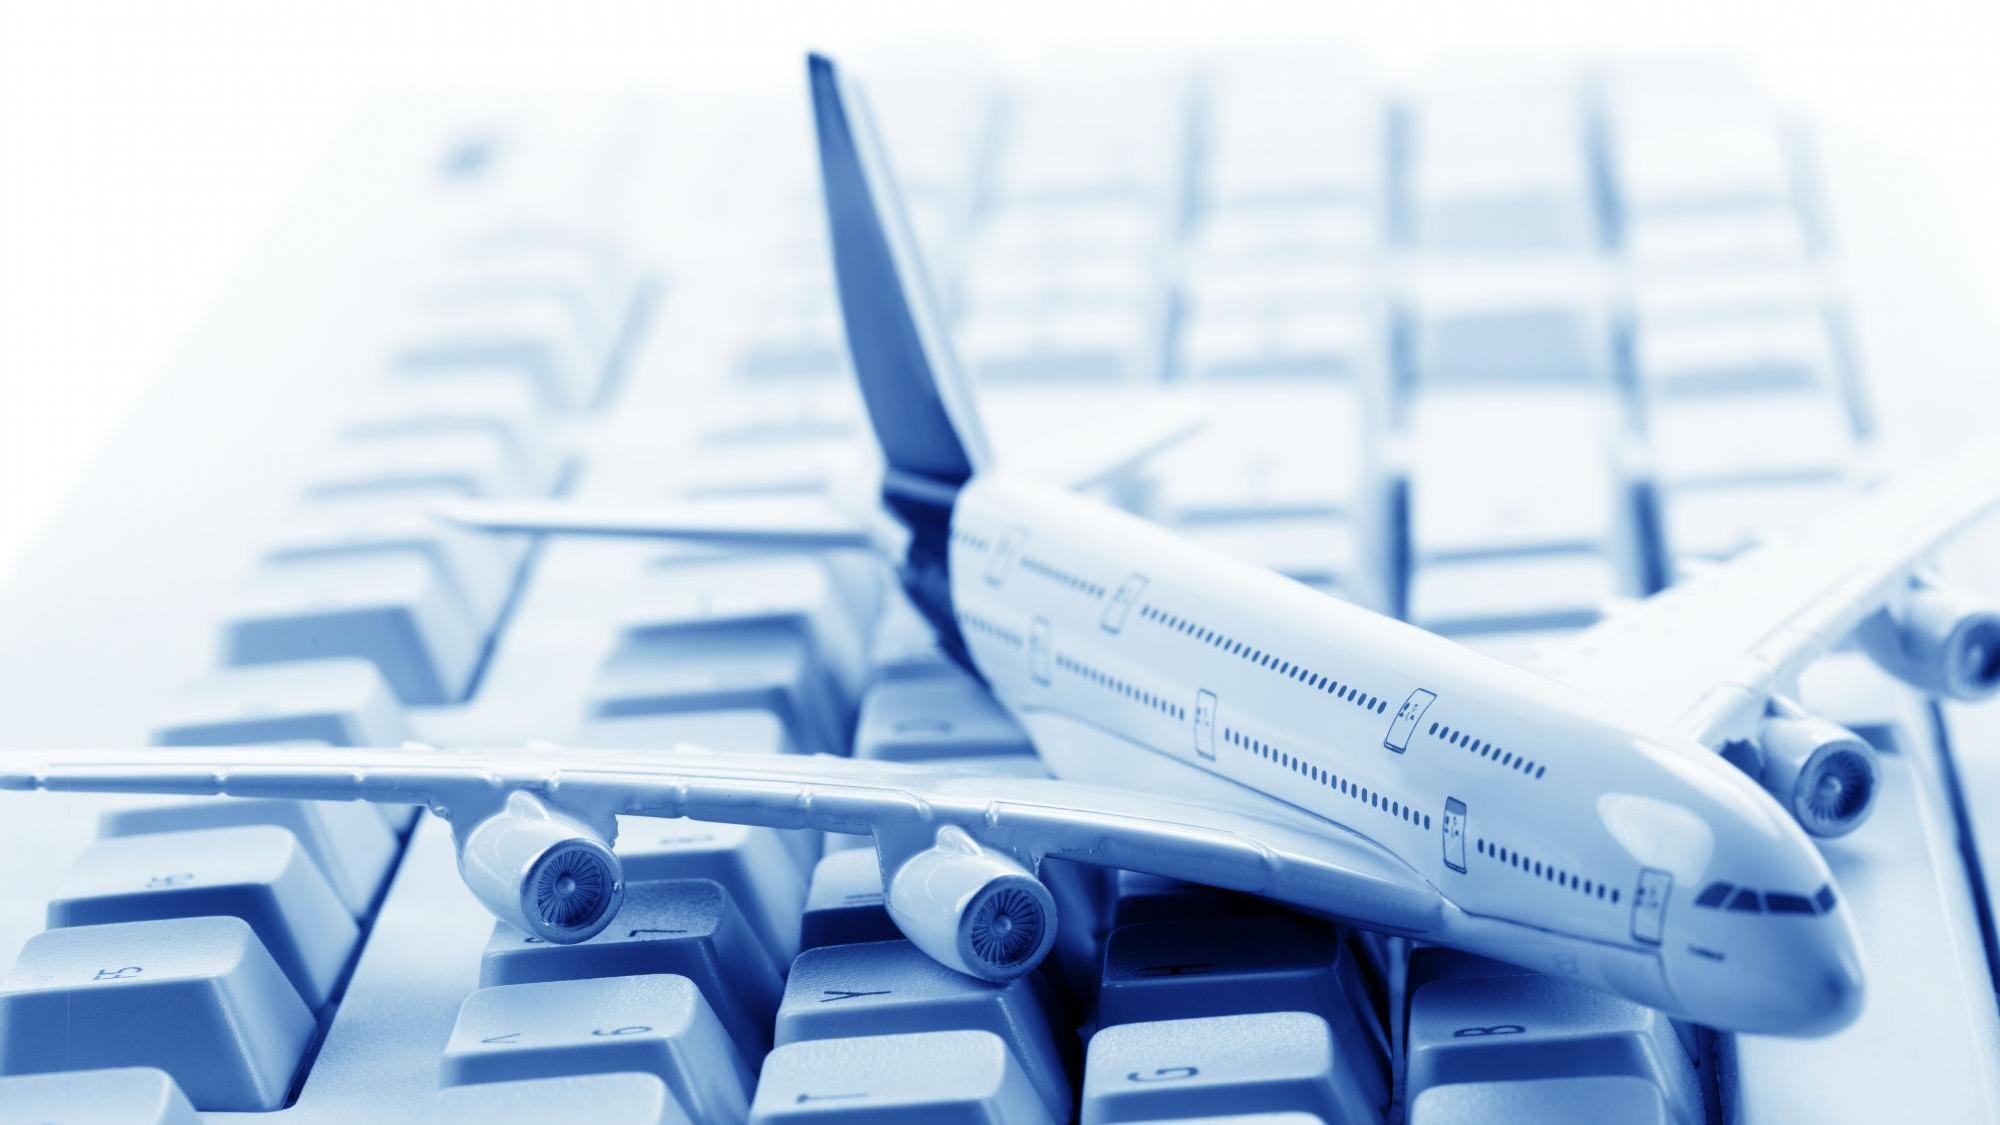 Tuyệt chiêu săn vé máy bay 0 đồng Vietnam Airlines giá rẻ